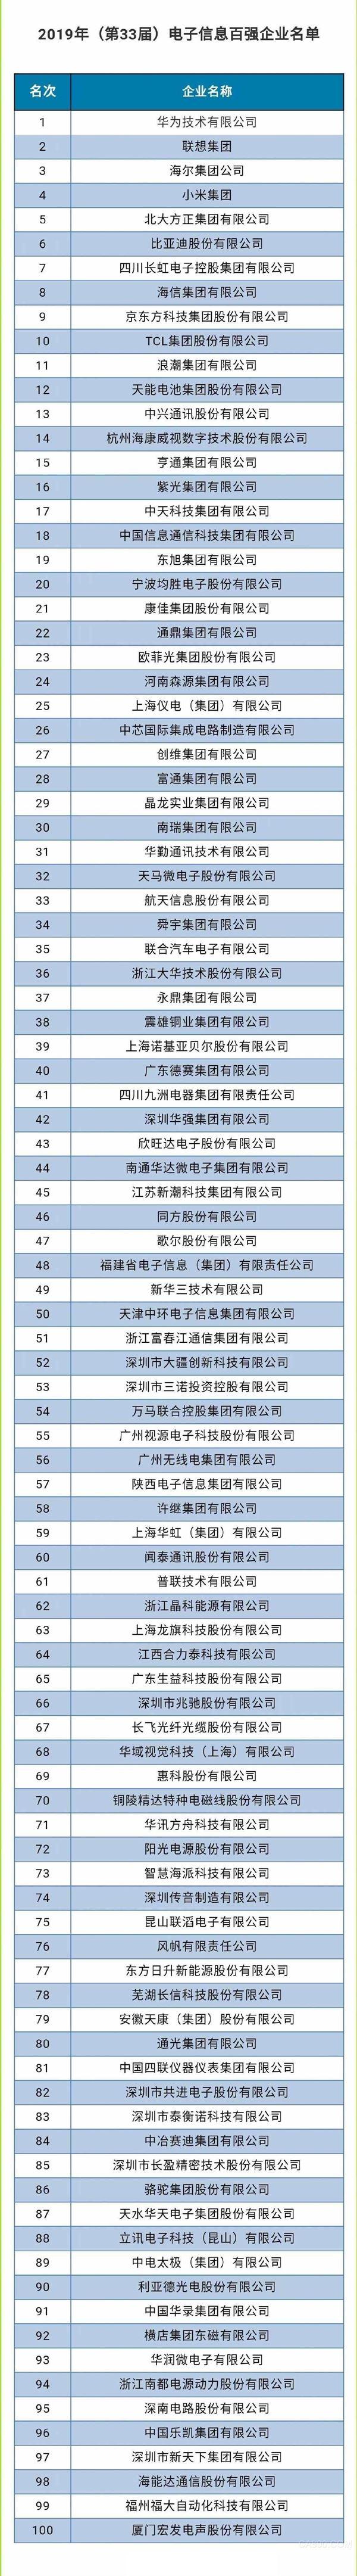 中国电子信息百强企业名单出炉 深圳22家企业入围